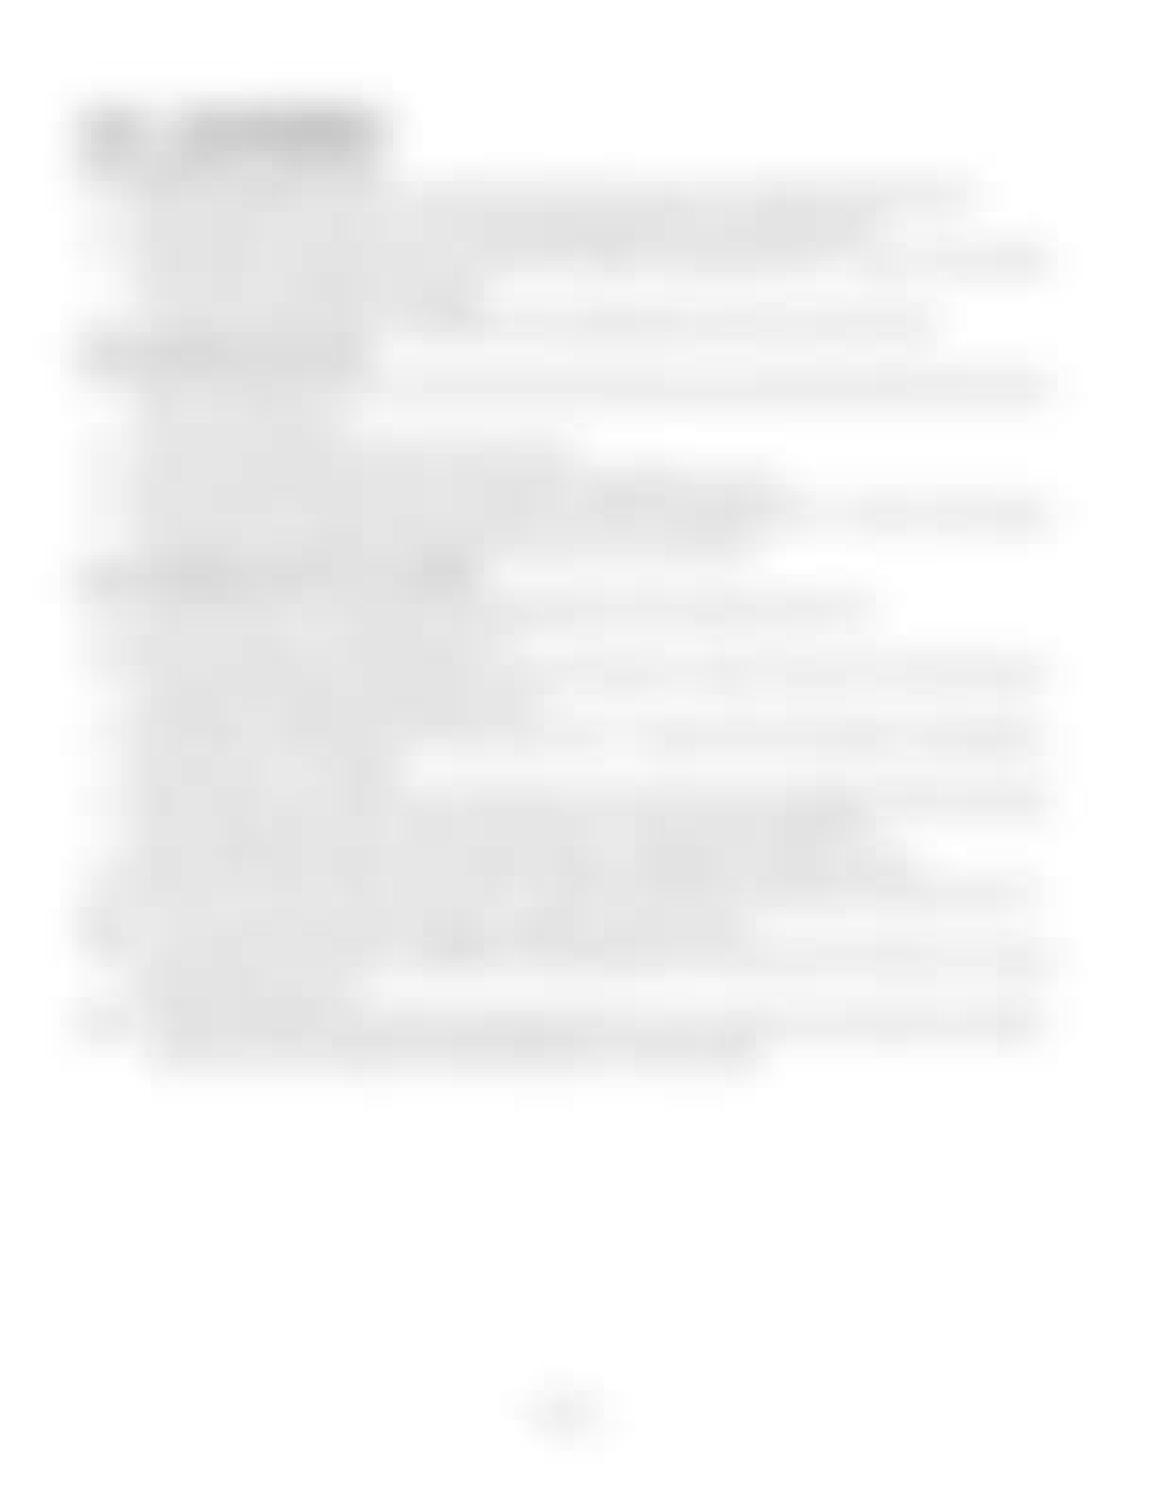 Hitachi LX110-7 LX130-7 LX160-7 LX190-7 LX230-7 Wheel Loader Workshop Manual - PDF DOWNLOAD page 264